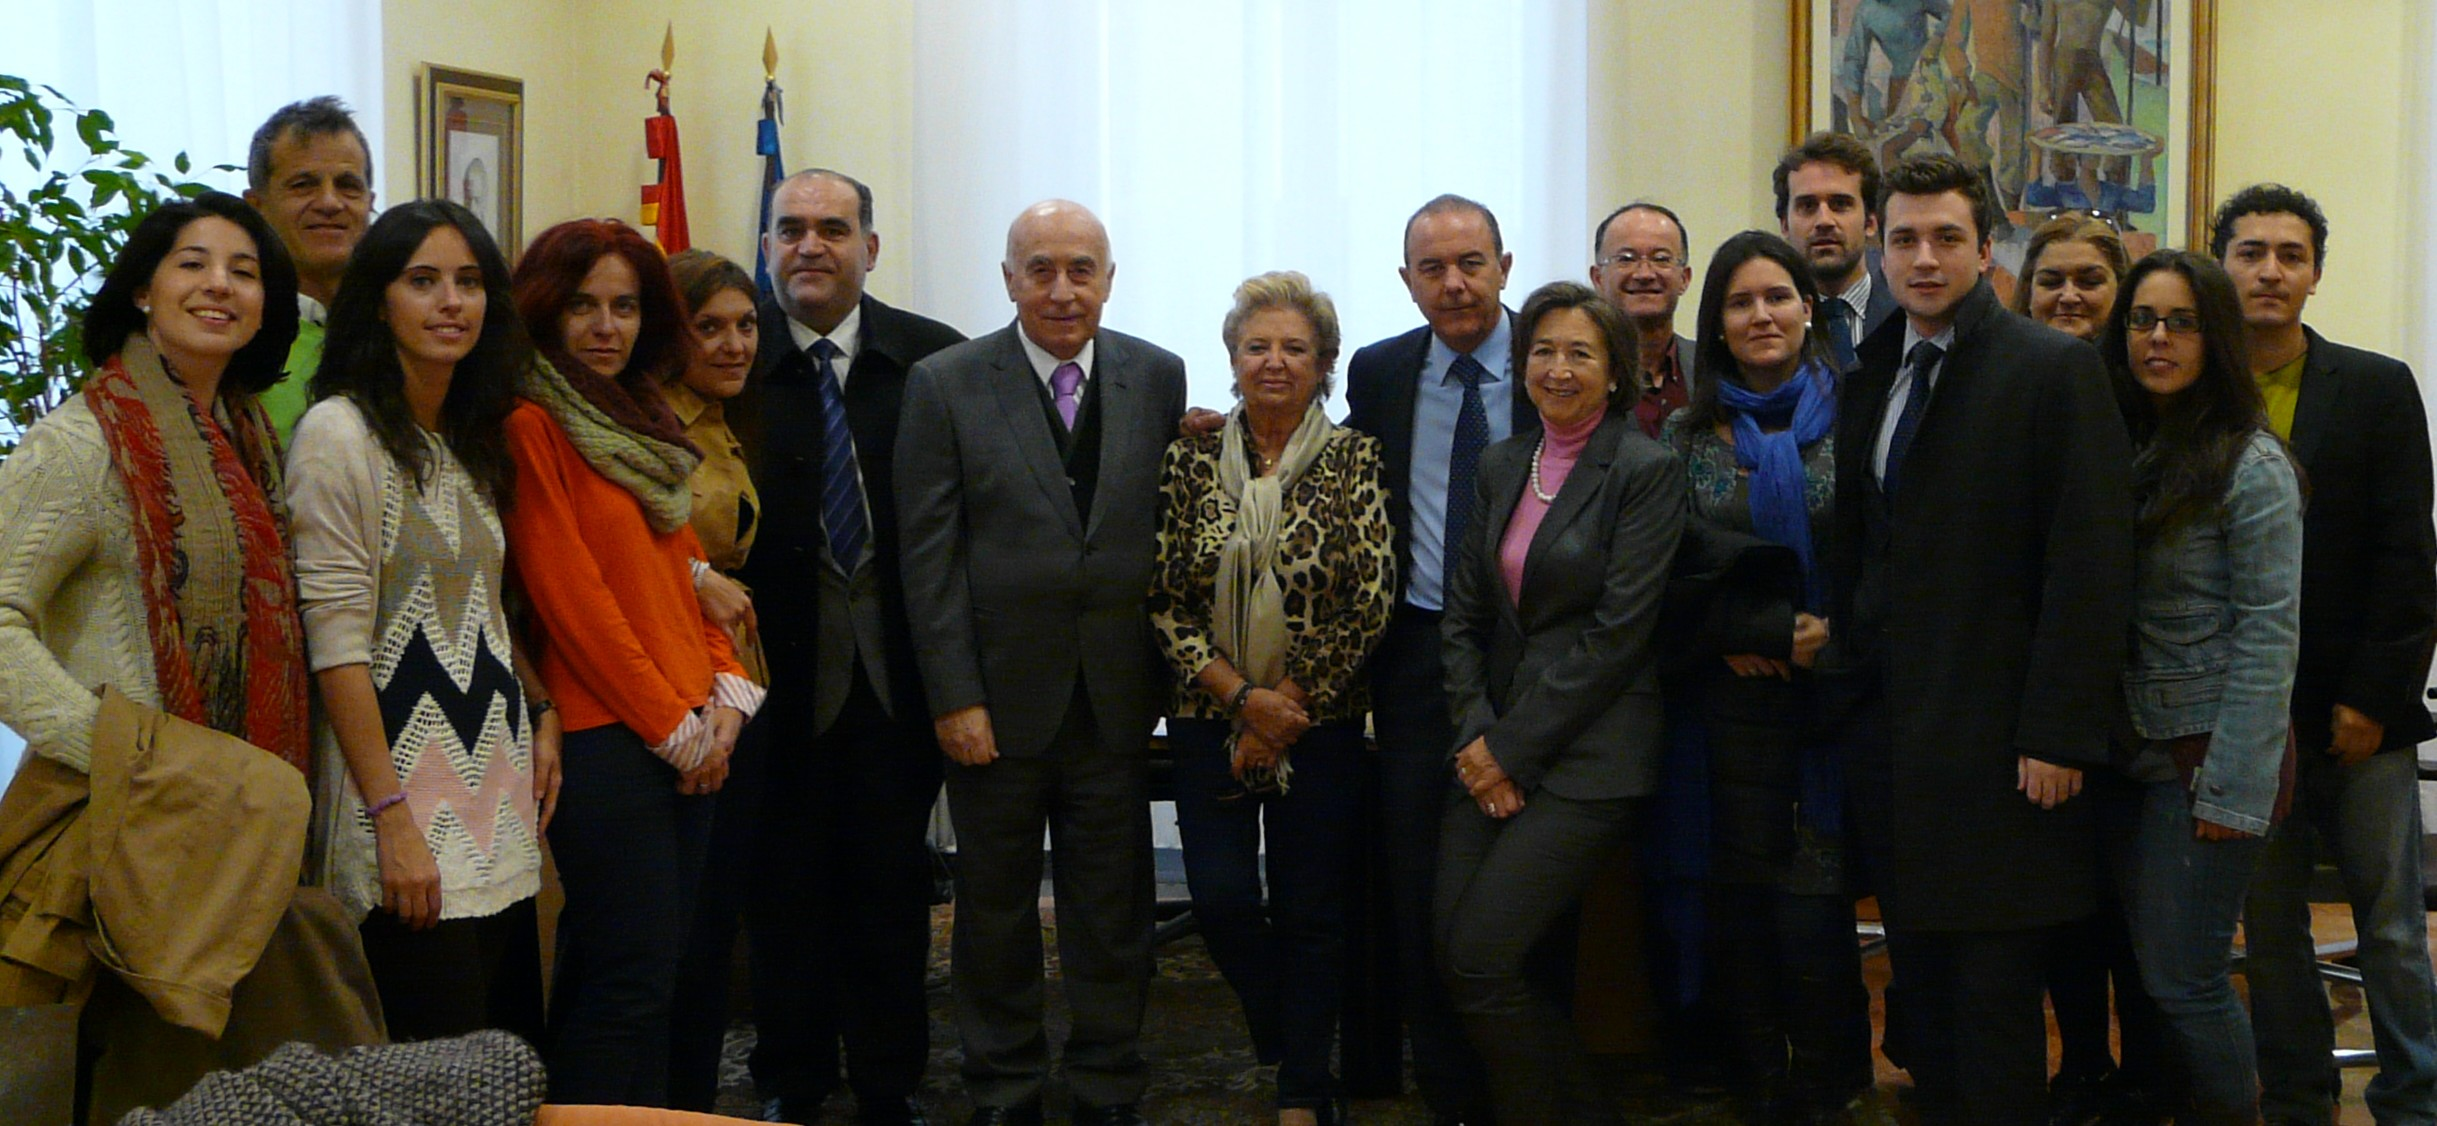 El Síndic de Greuges recibe a los alumnos del Máster de la Abogacía del Colegio de Abogados de Alicante